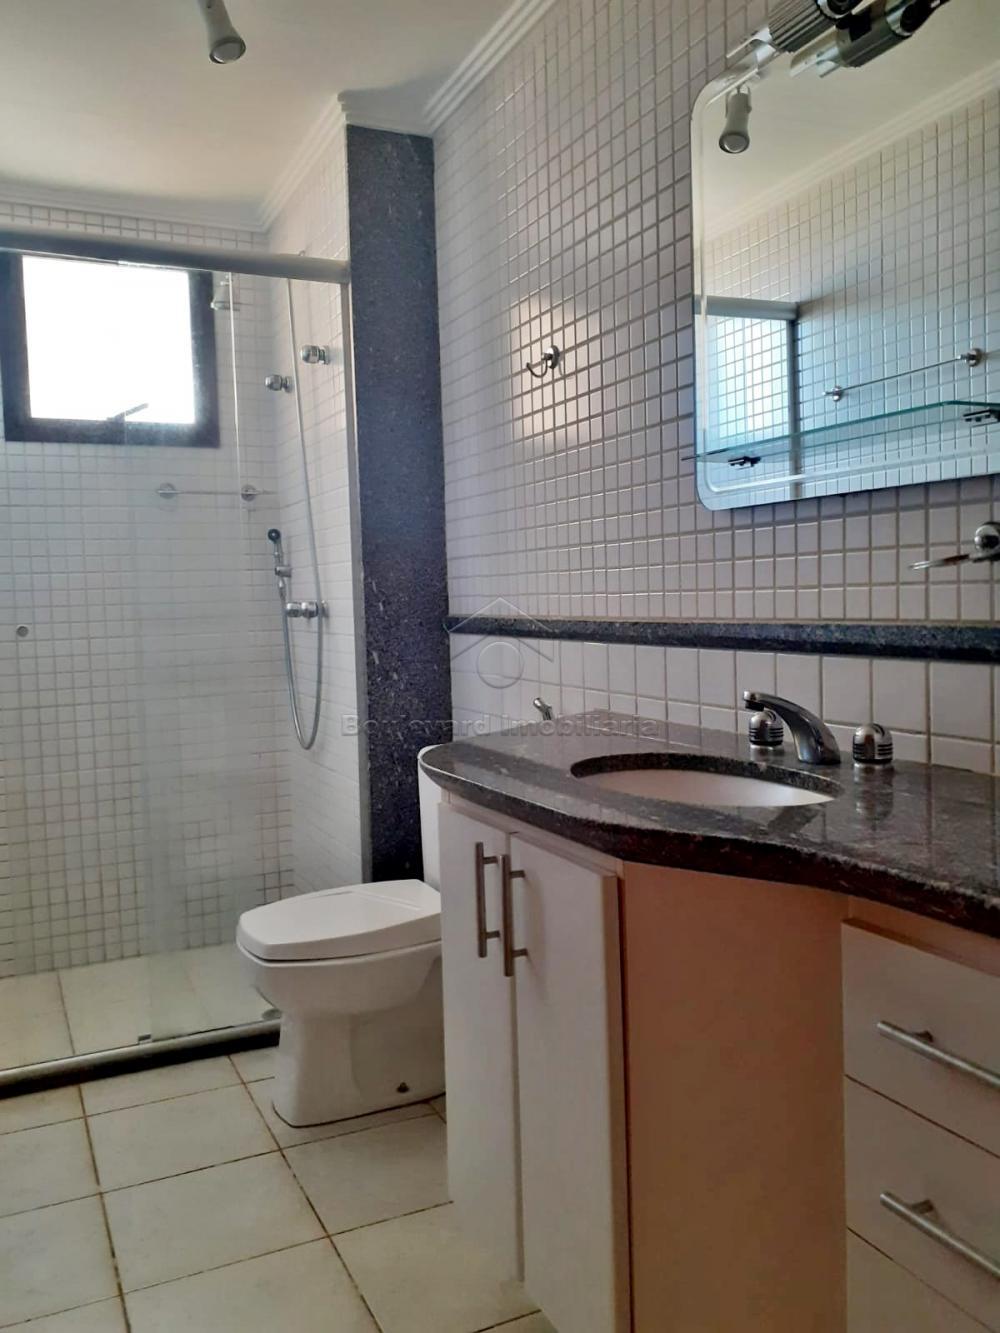 Alugar Apartamento / Padrão em Ribeirão Preto R$ 2.000,00 - Foto 17